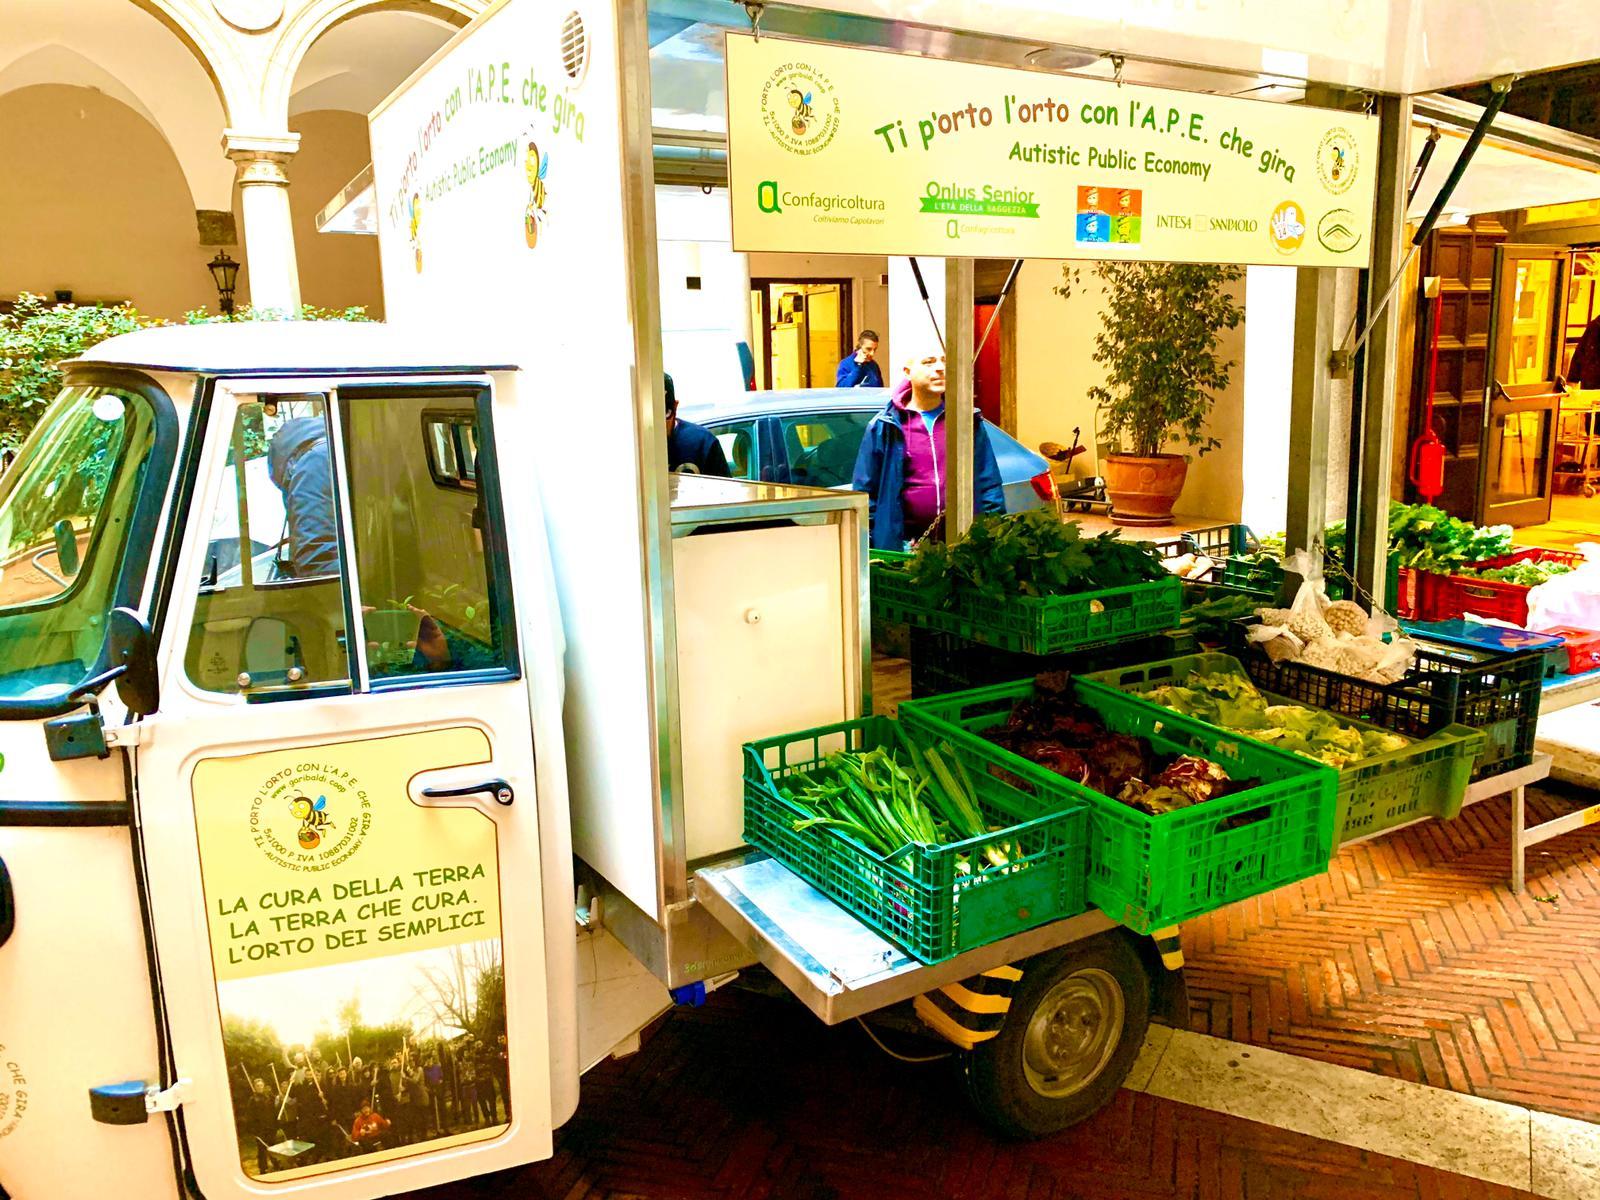 La nostra Ape nella sede di Confragicoltura per la vendita dei prodotti raccolti